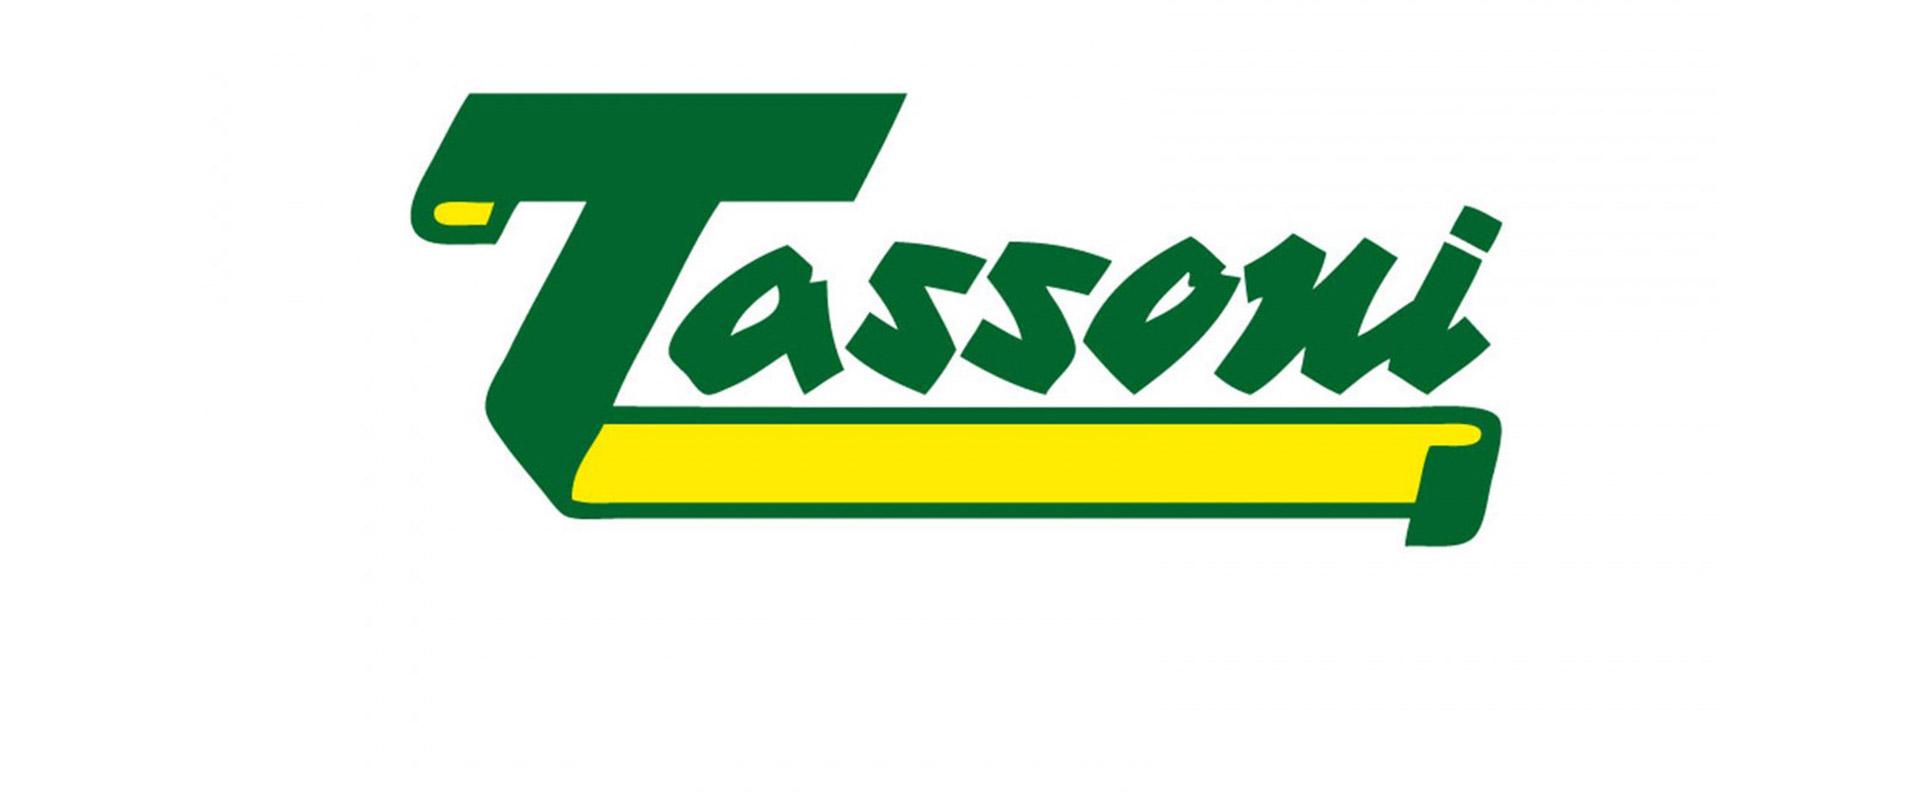 Cedral Tassoni: alla scoperta dei nuovi prodotti